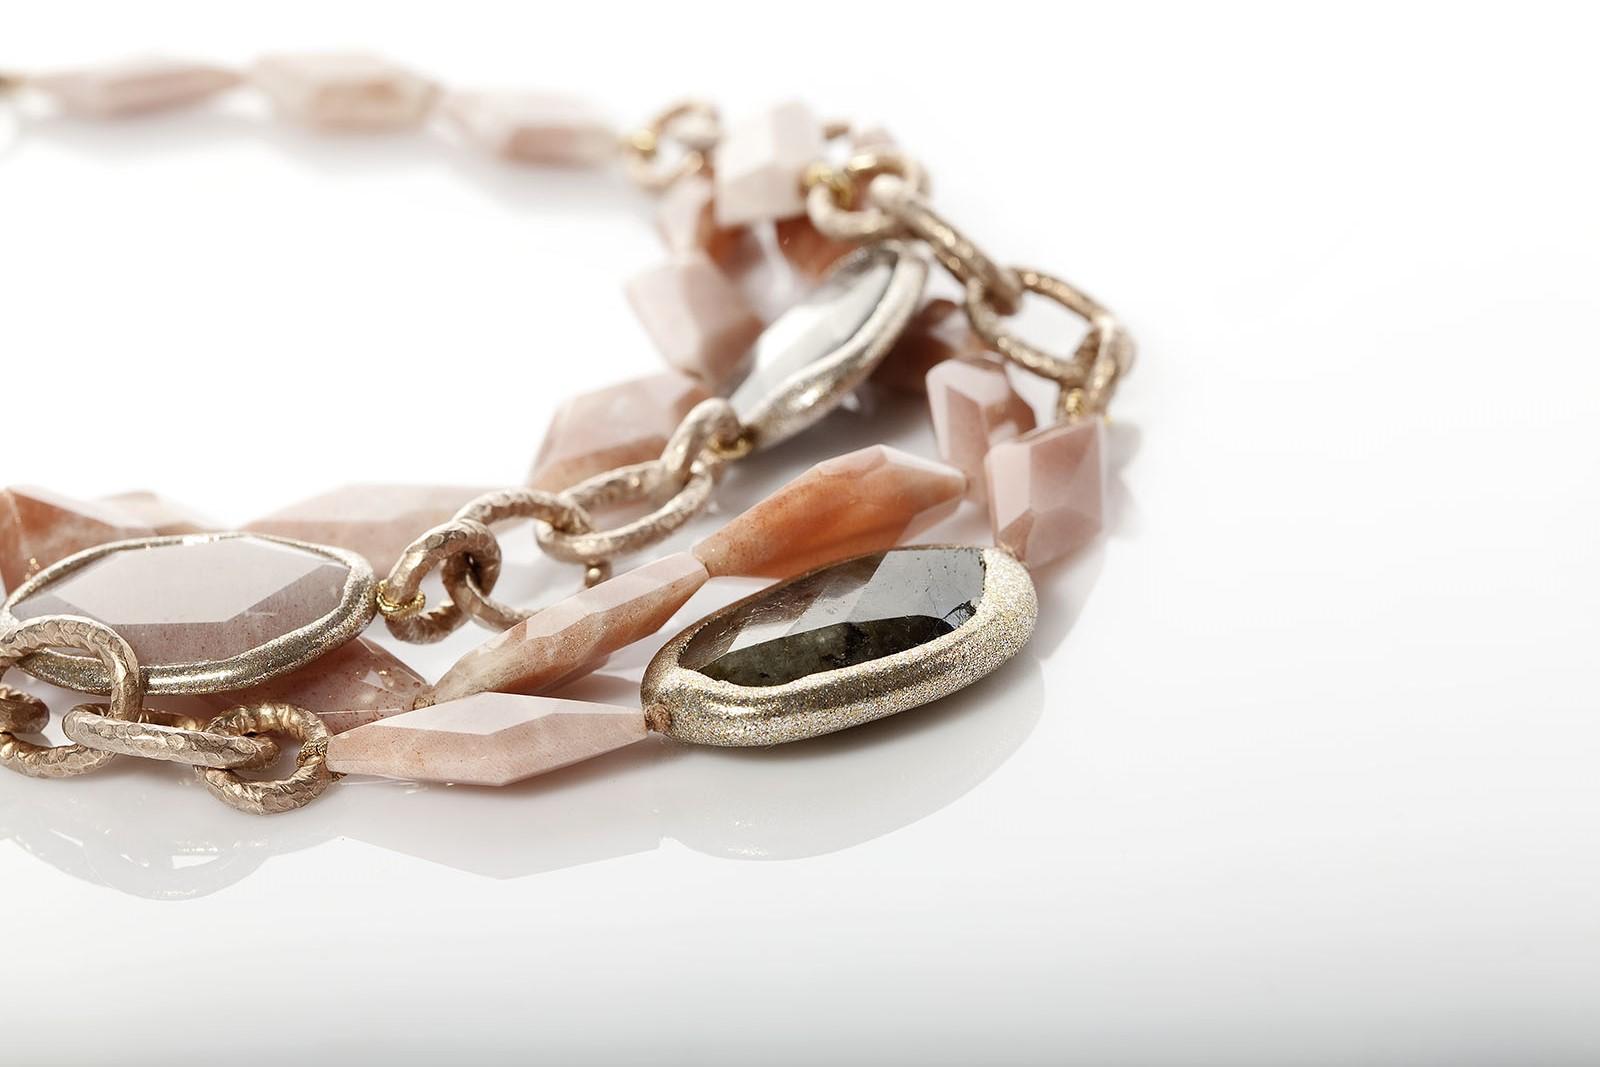 gioiello jewel collana necklace details